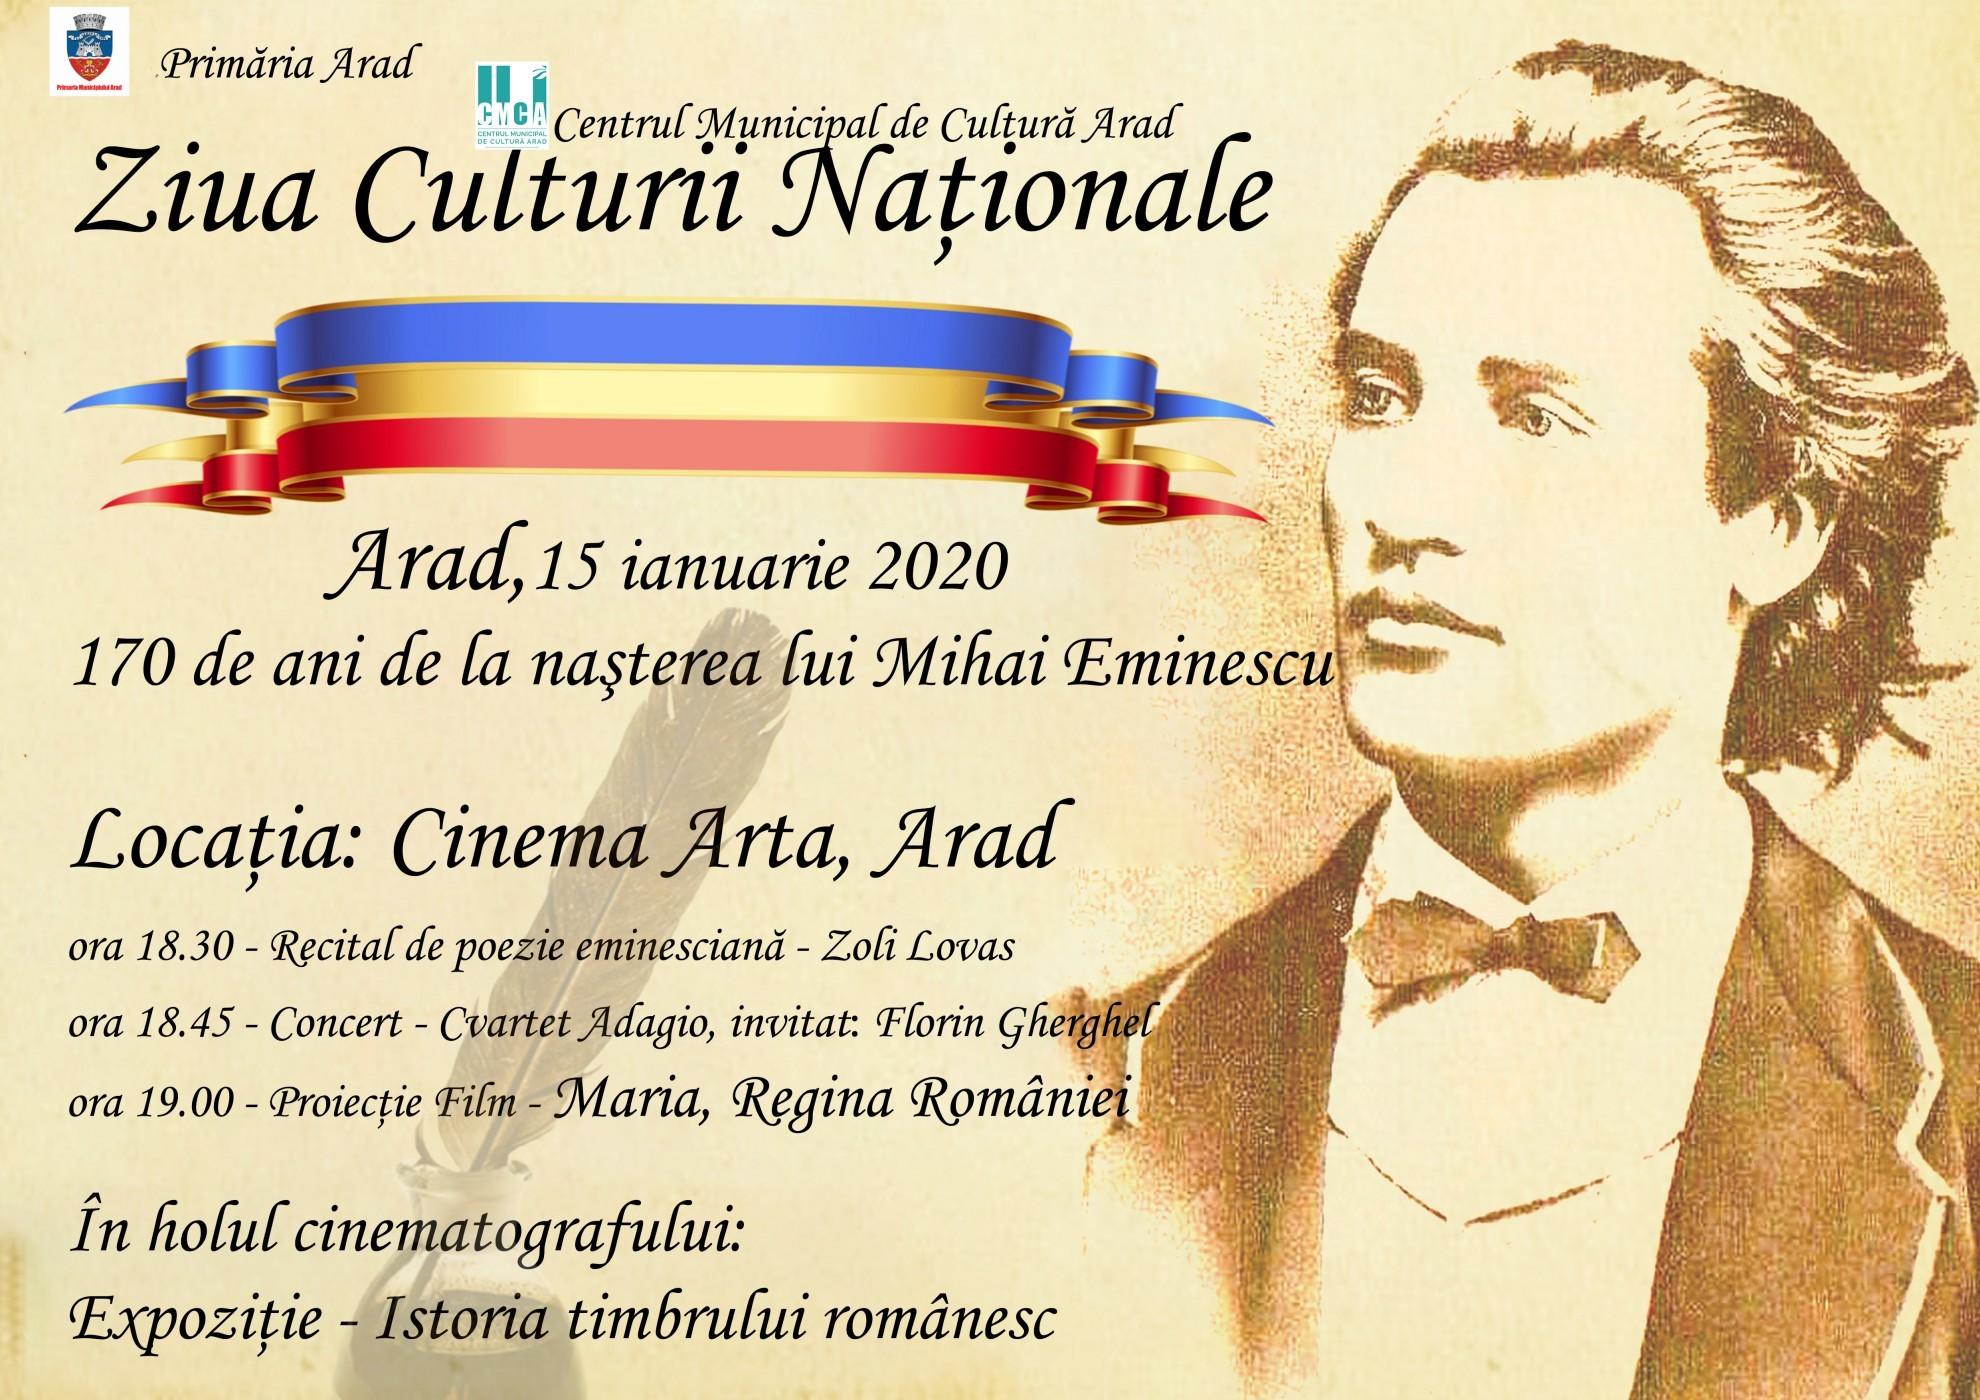 Ziua Culturii Naționale, sărbătorită la Arad. Programul evenimentelor